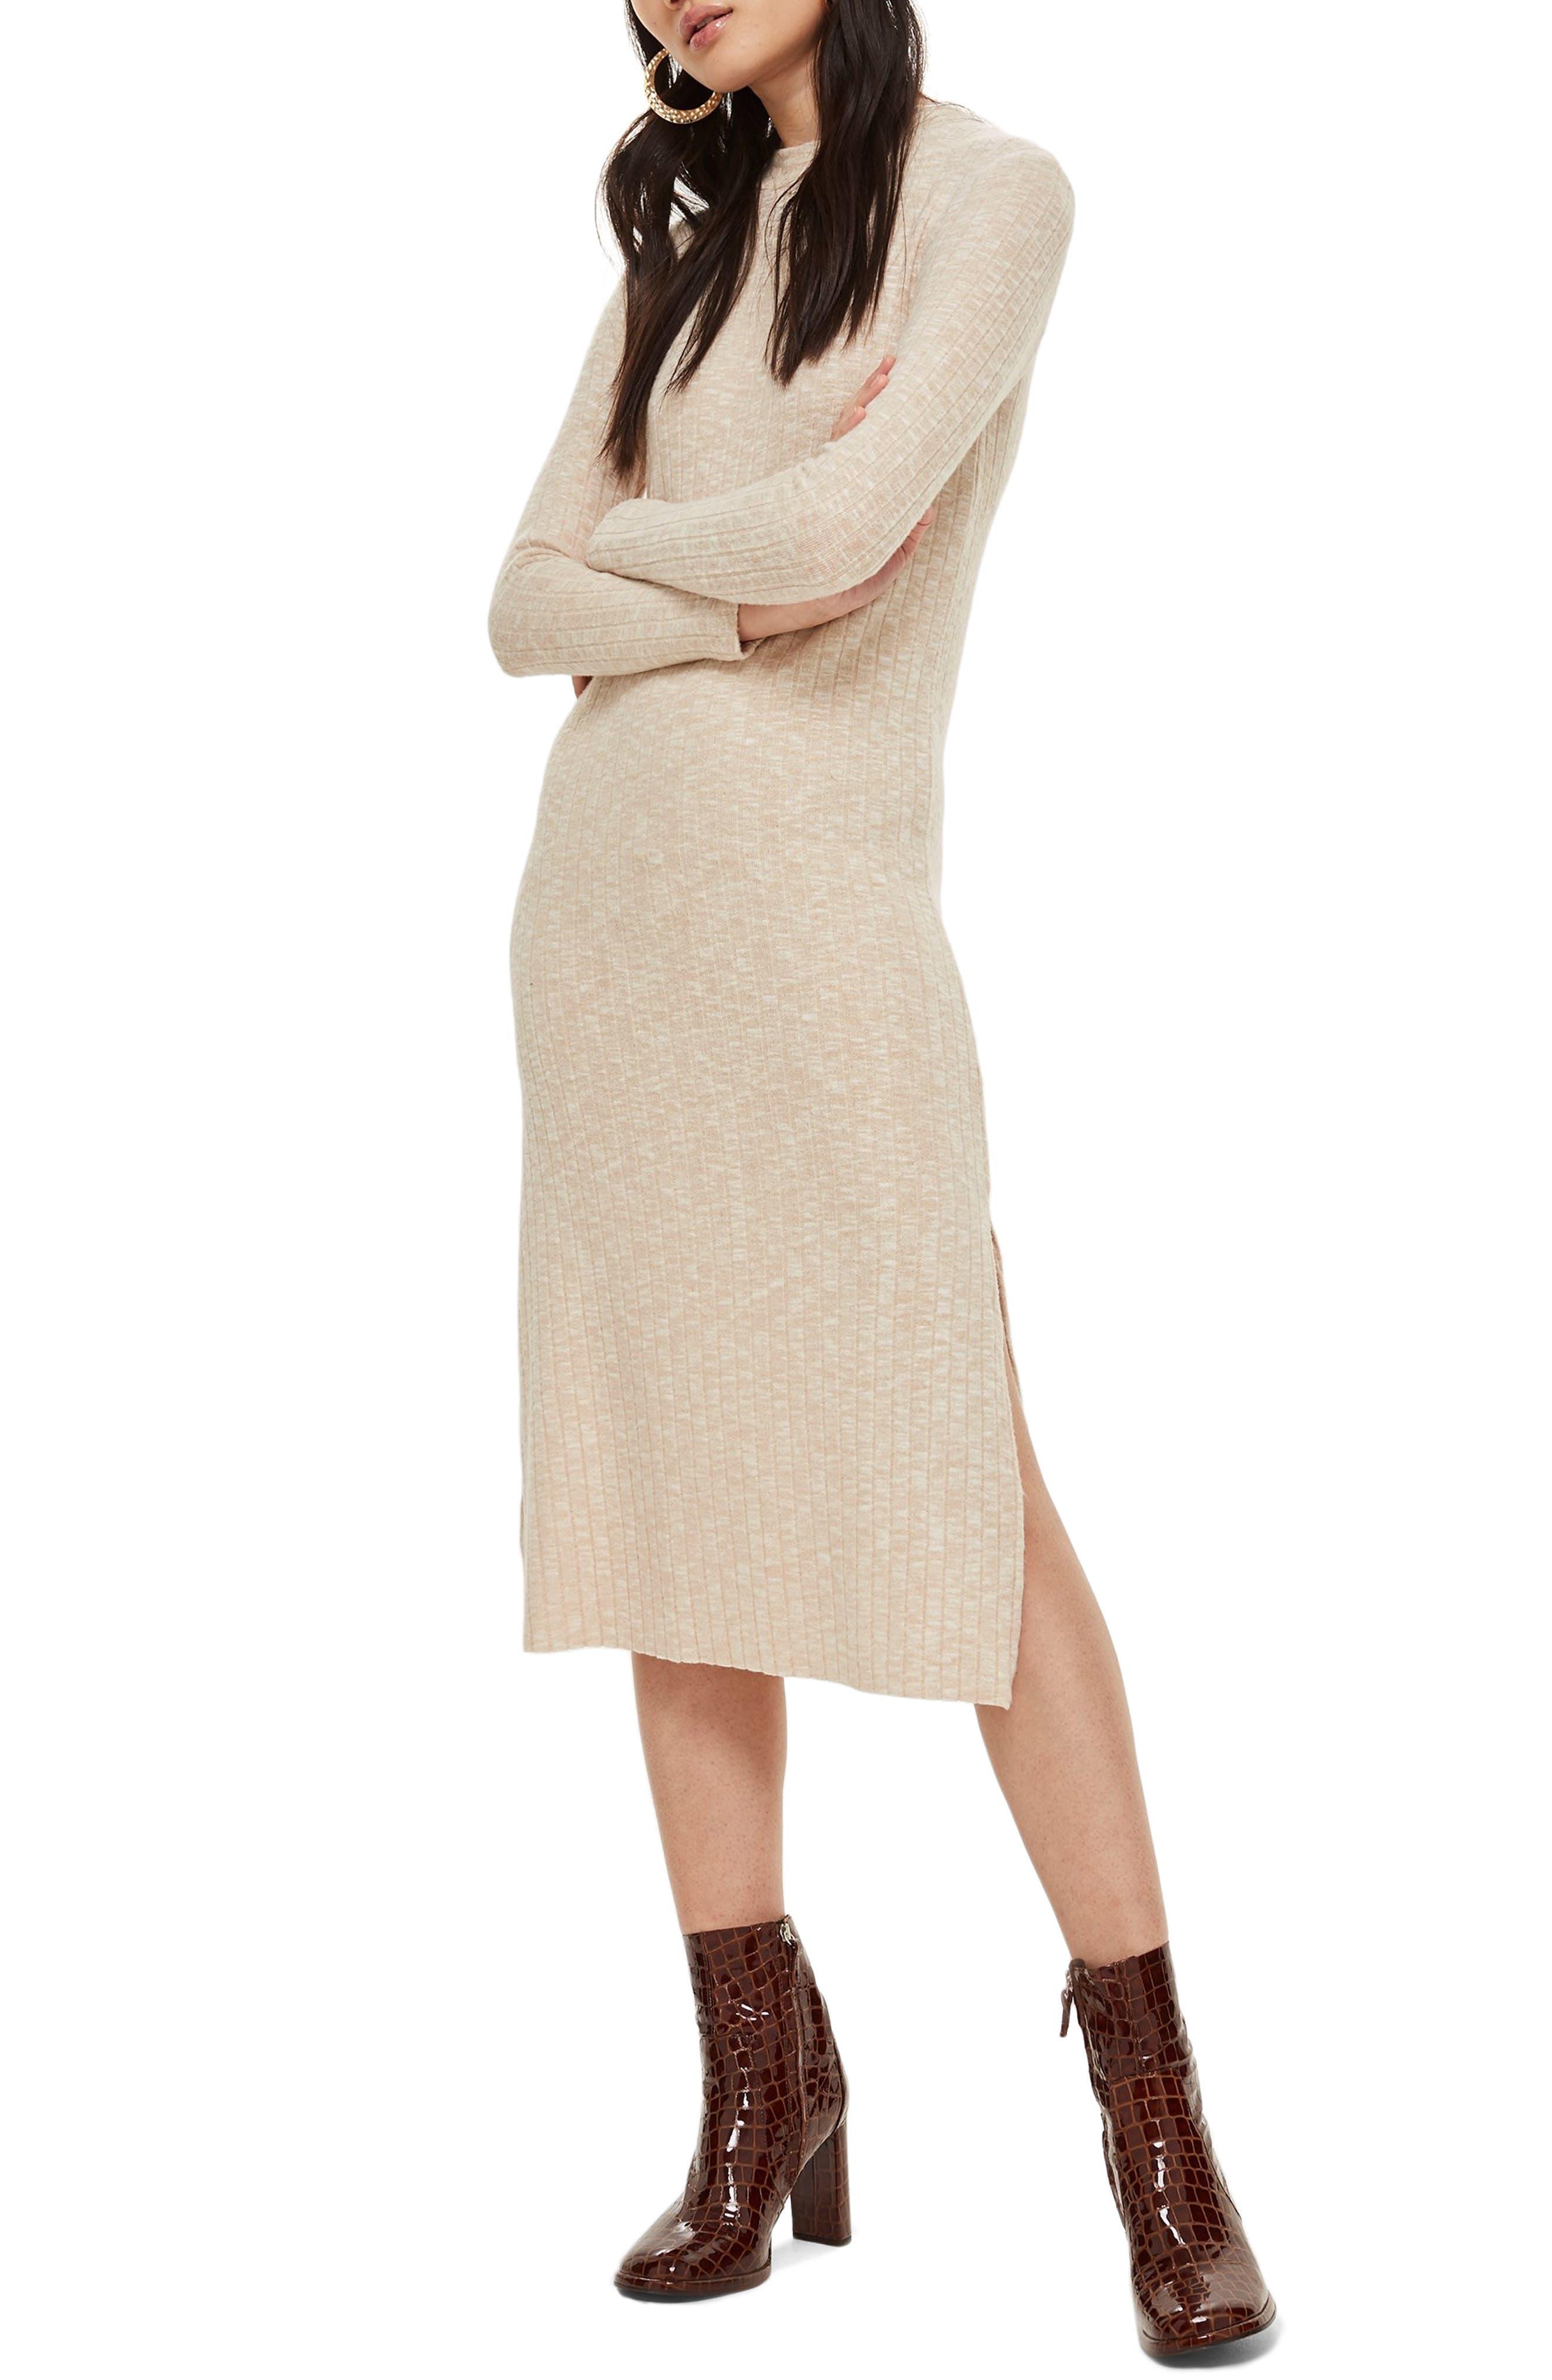 Topshop Rib Knit Midi Dress, US (fits like 14) - Ivory